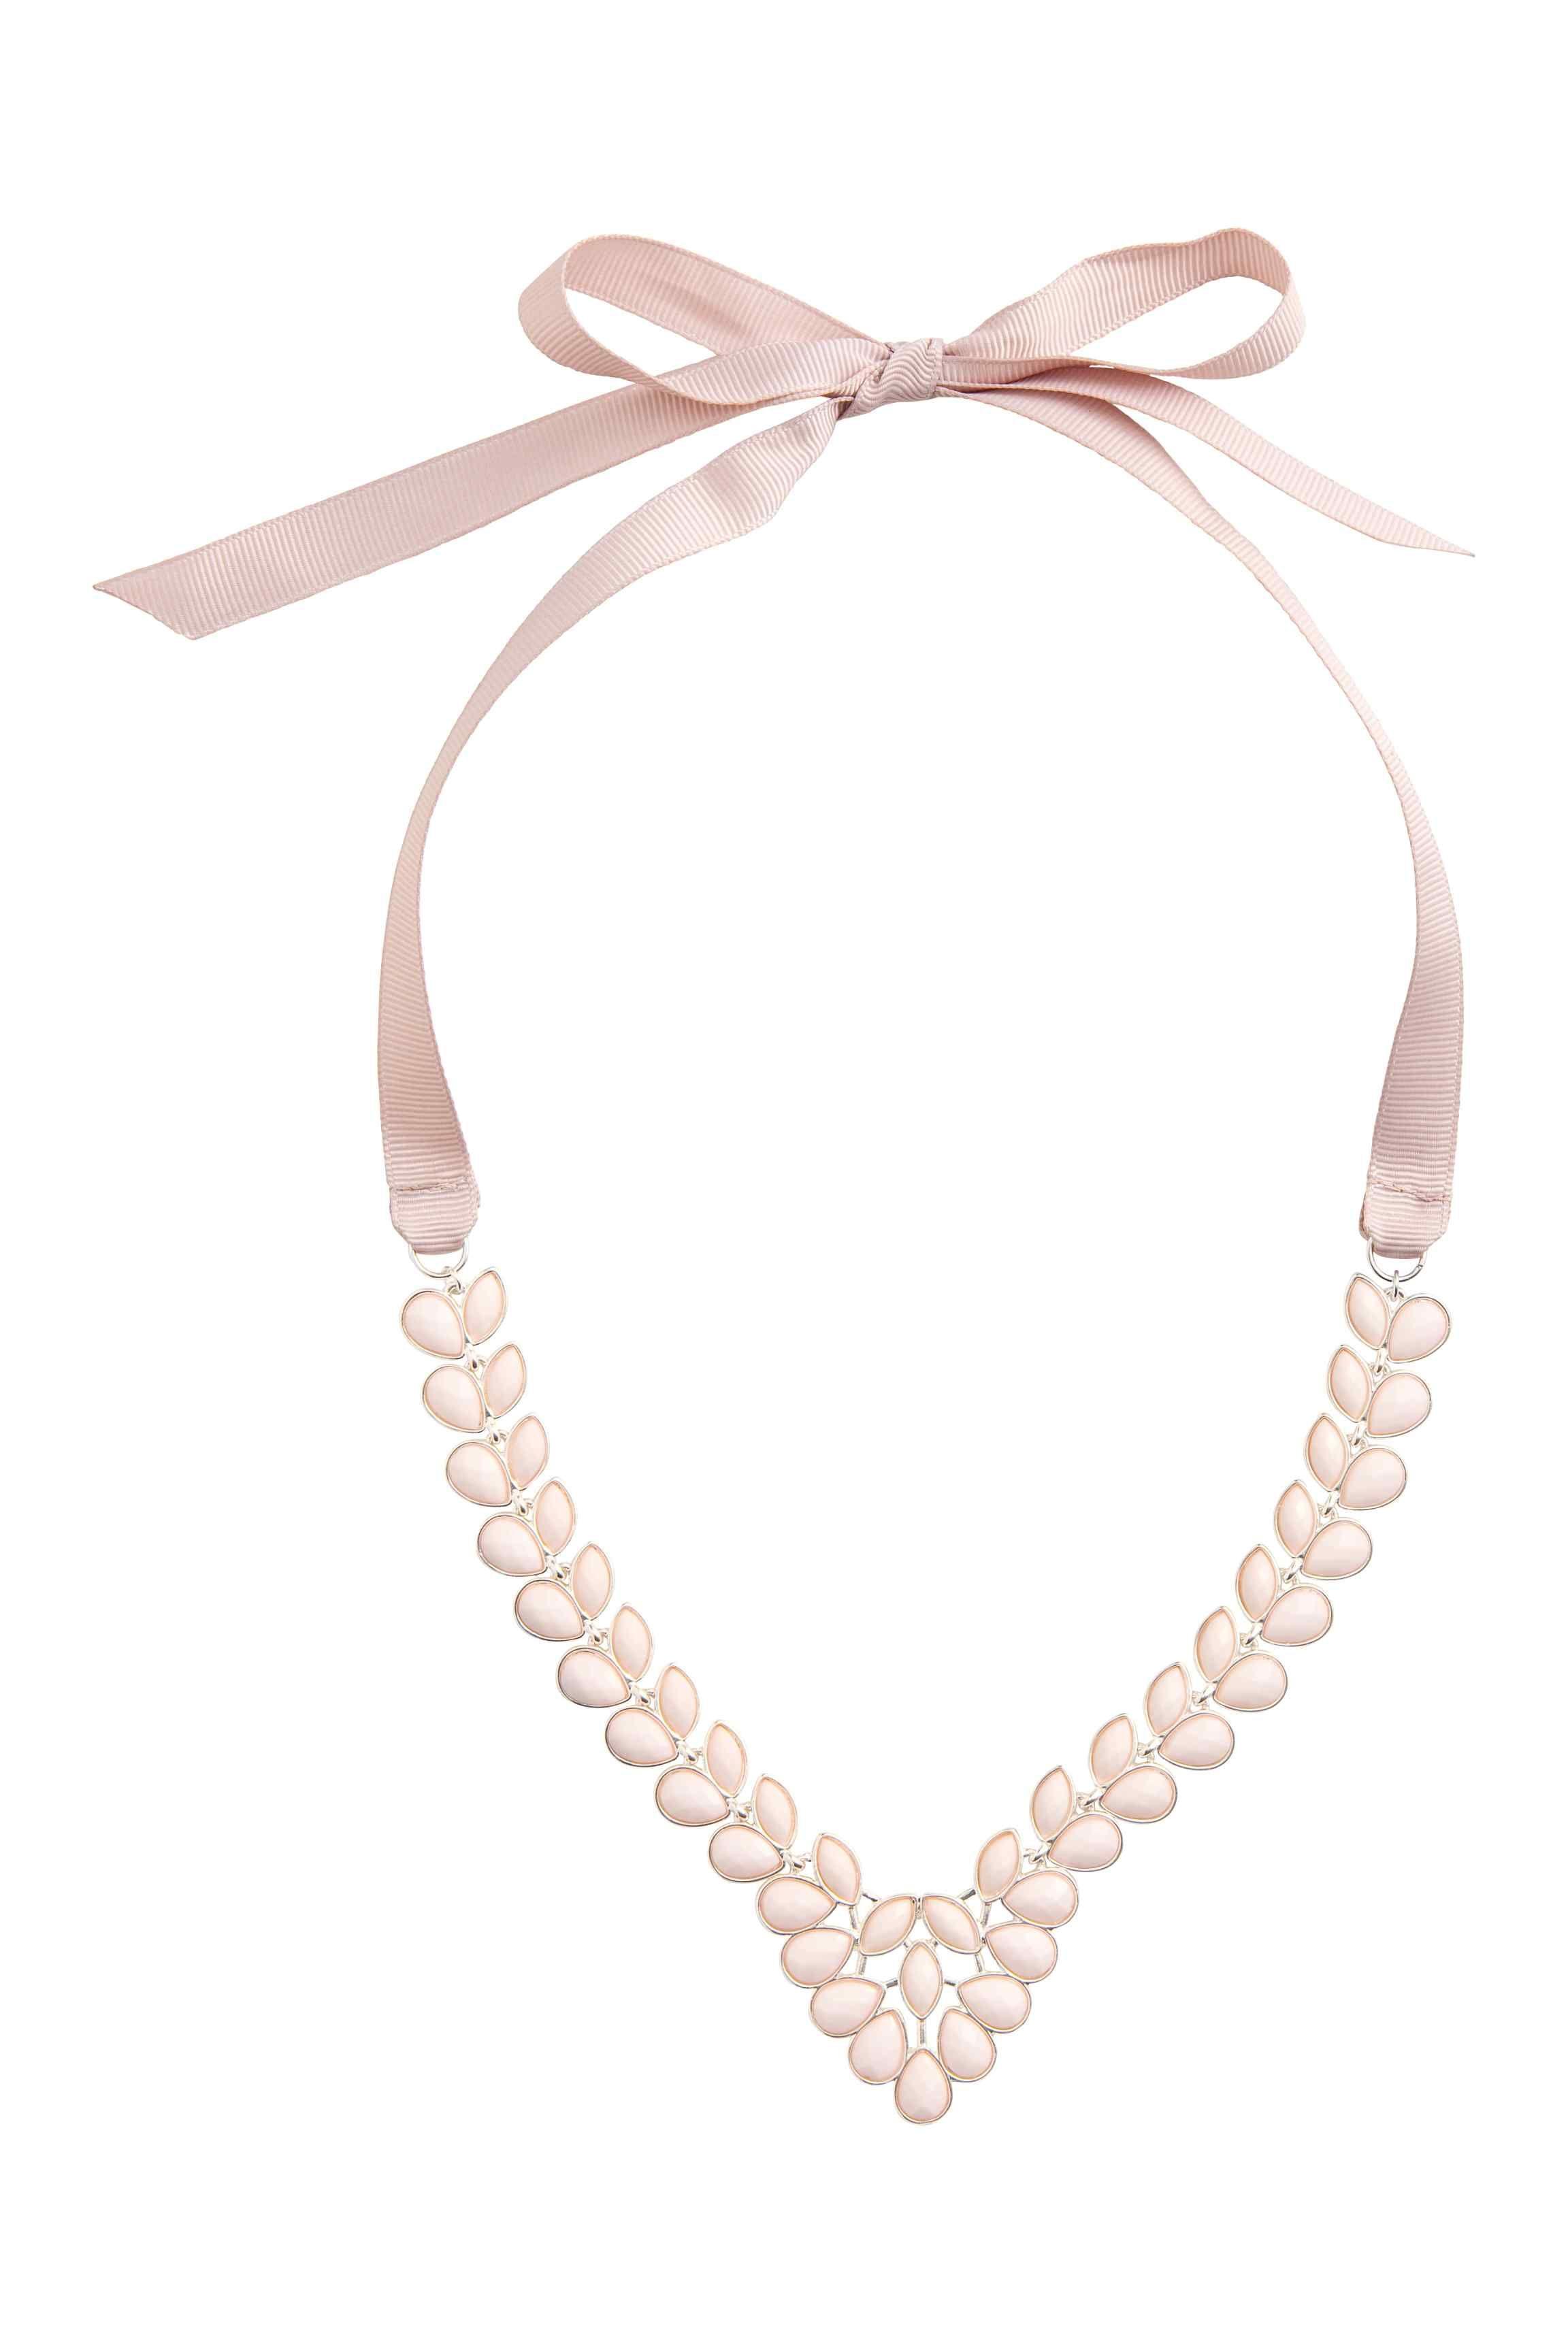 Náhrdelník se stuhou: Kovový náhrdelník s fazetovanými plastovými korálky. Má nastavitelnou délku díky grogrénové stuze, která se zavazuje za krkem.